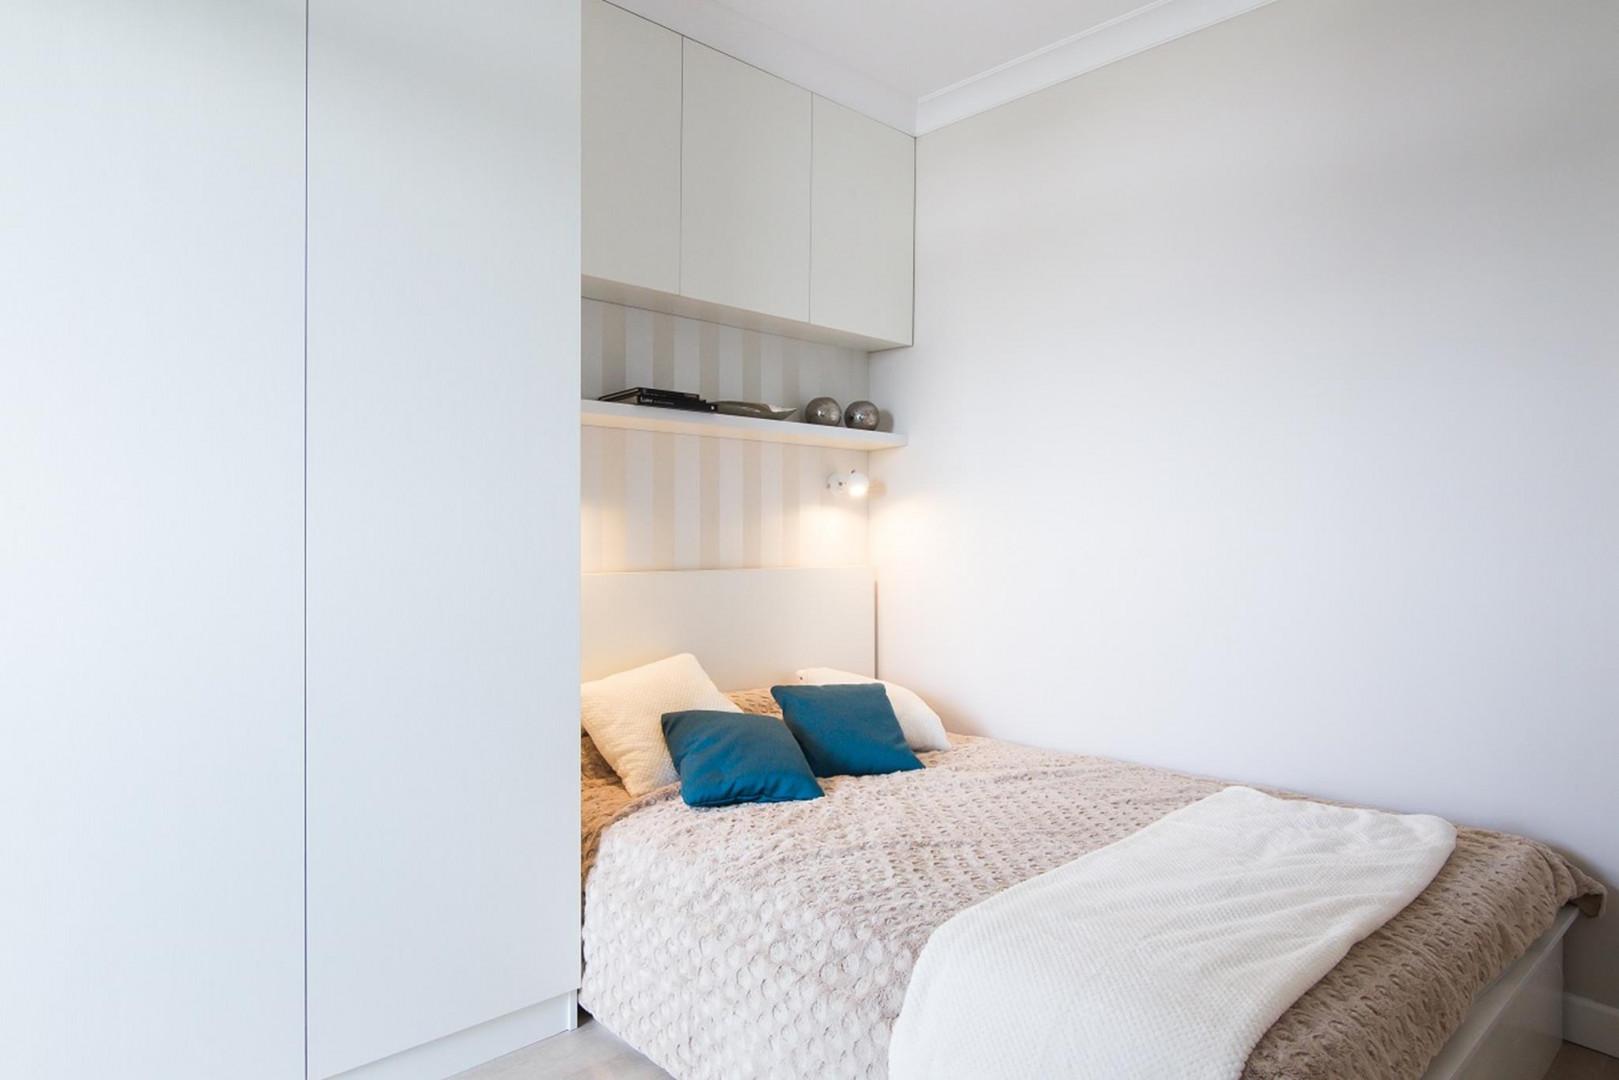 W małej sypialni pomyślmy o łóżku z opcją schowka. Fot. The Space